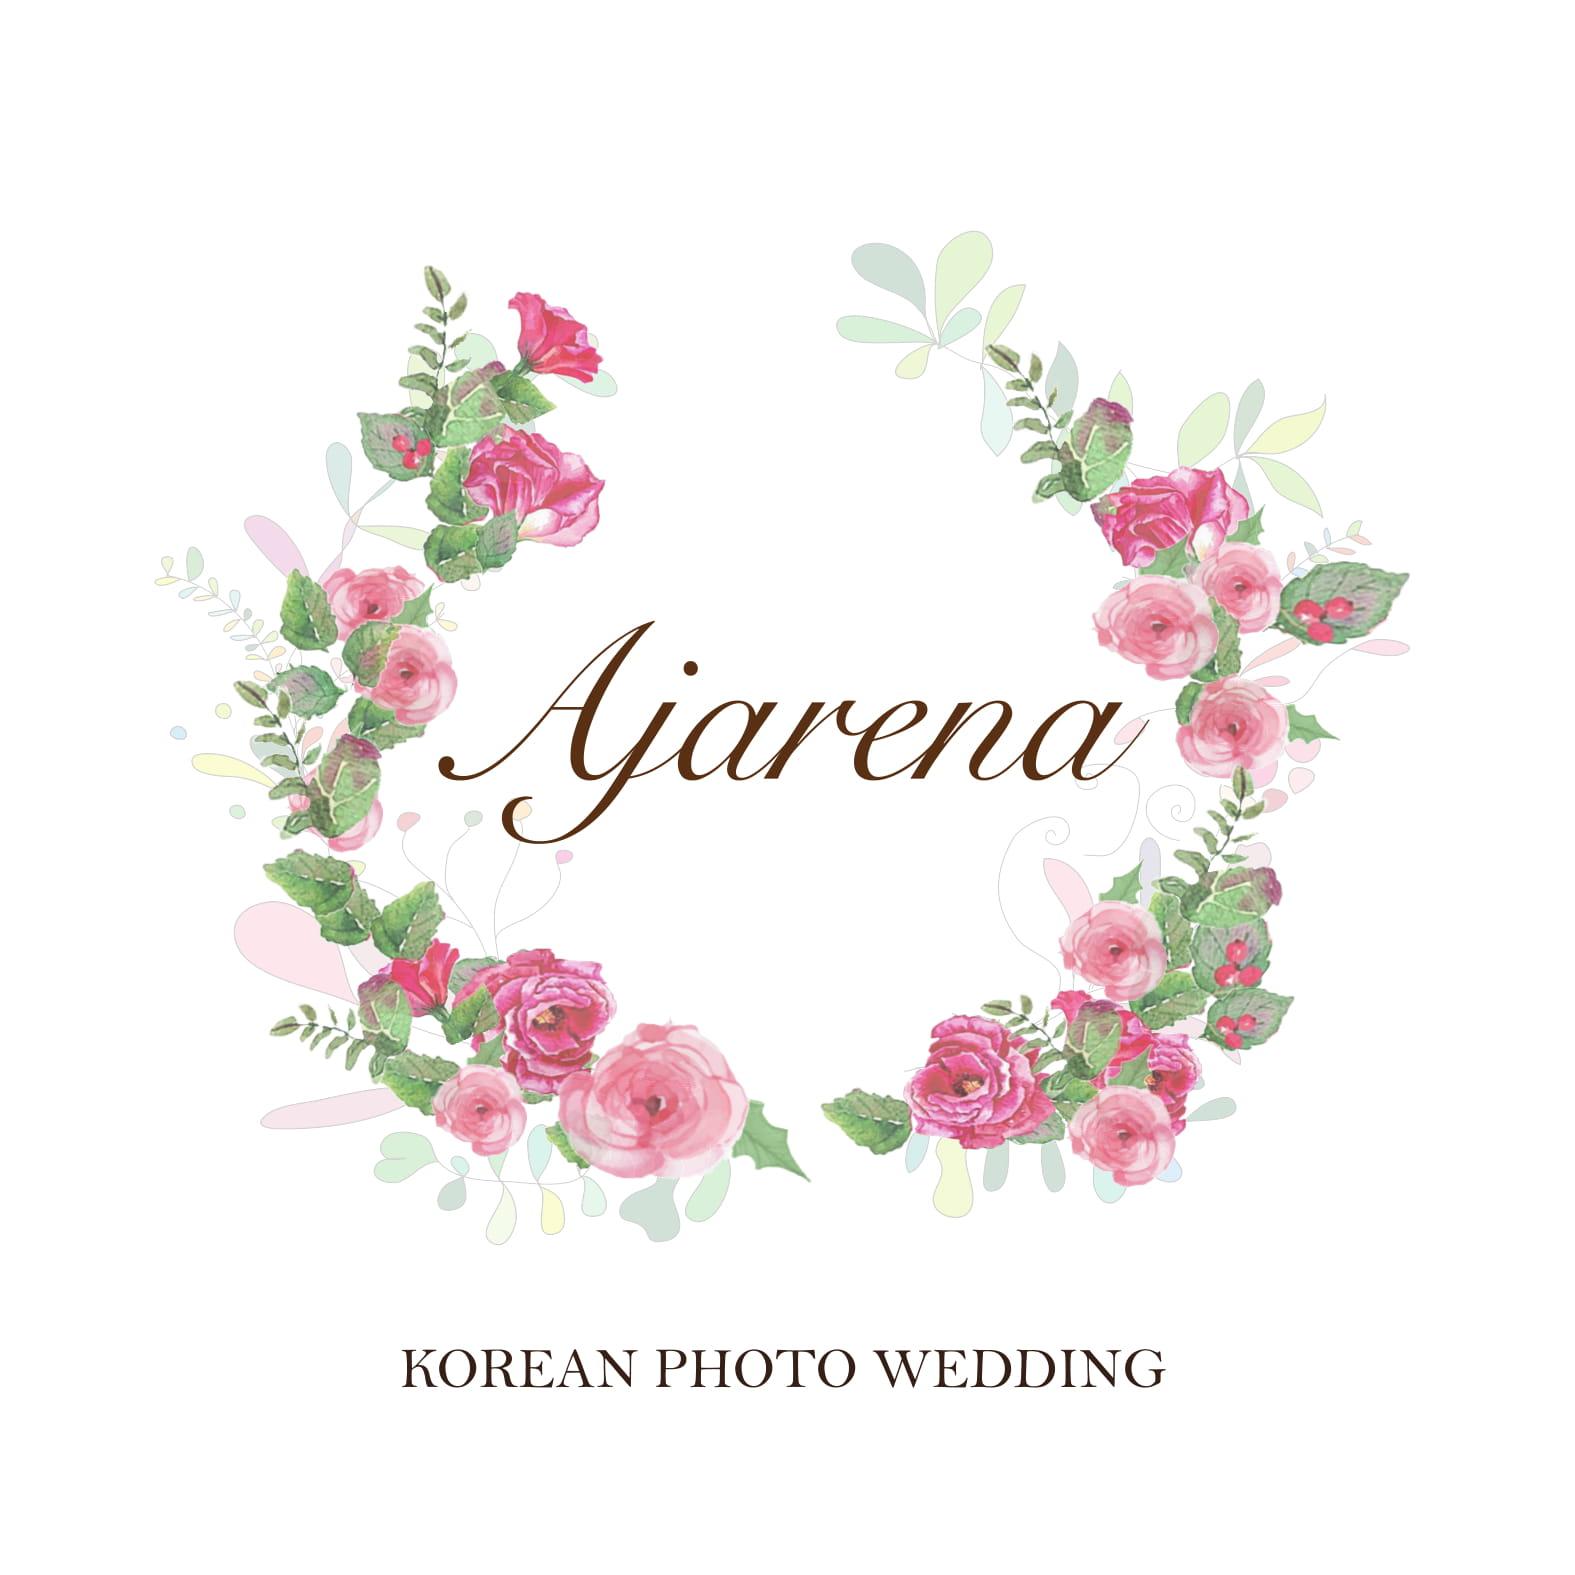 logo loading of ajarena wedding